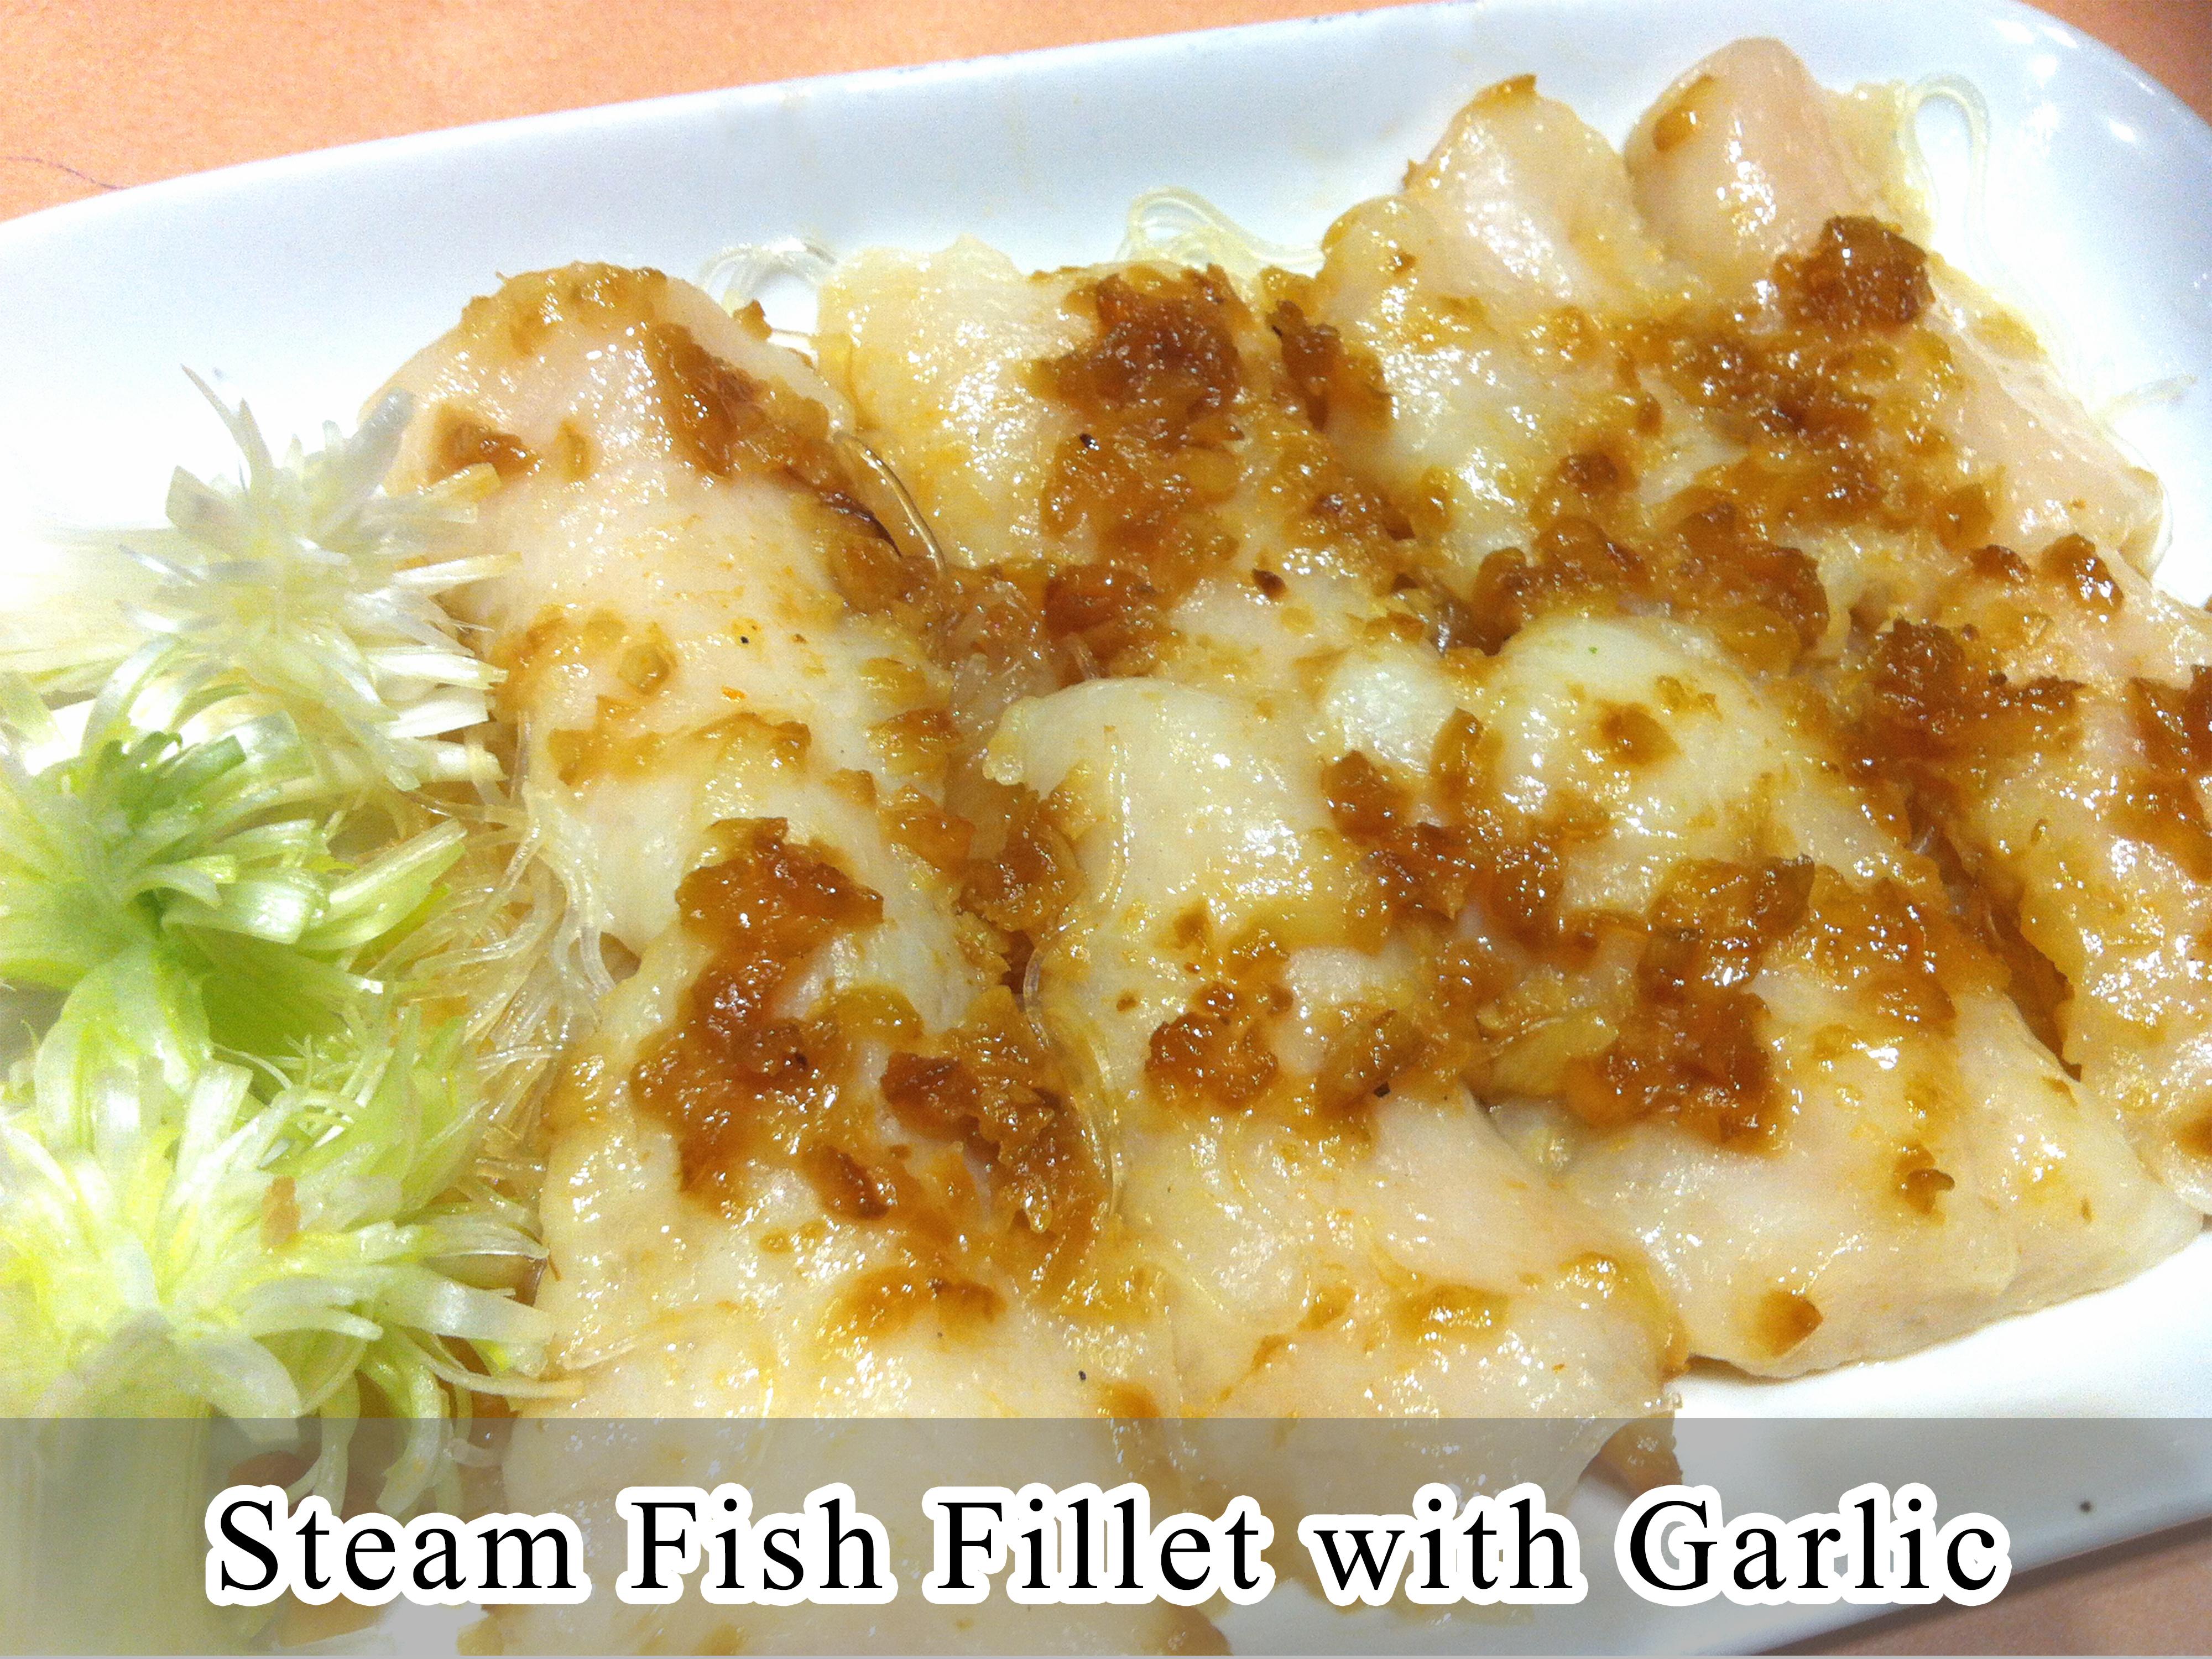 Steam Fish Fillet with Garlic